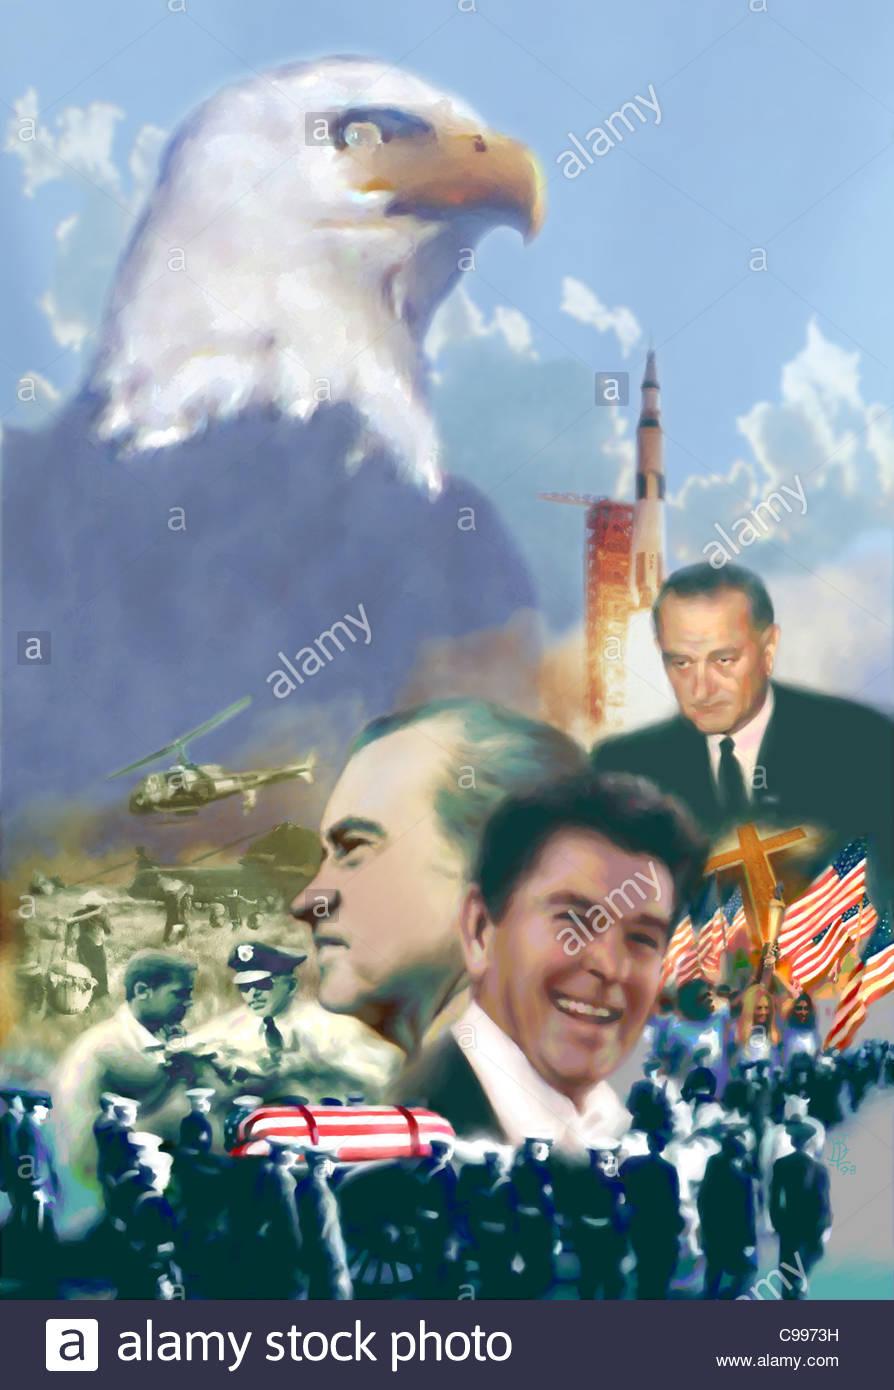 Amerikanische Politiker Geschichte Collage 2 historischen historischen historisch sein Stockbild